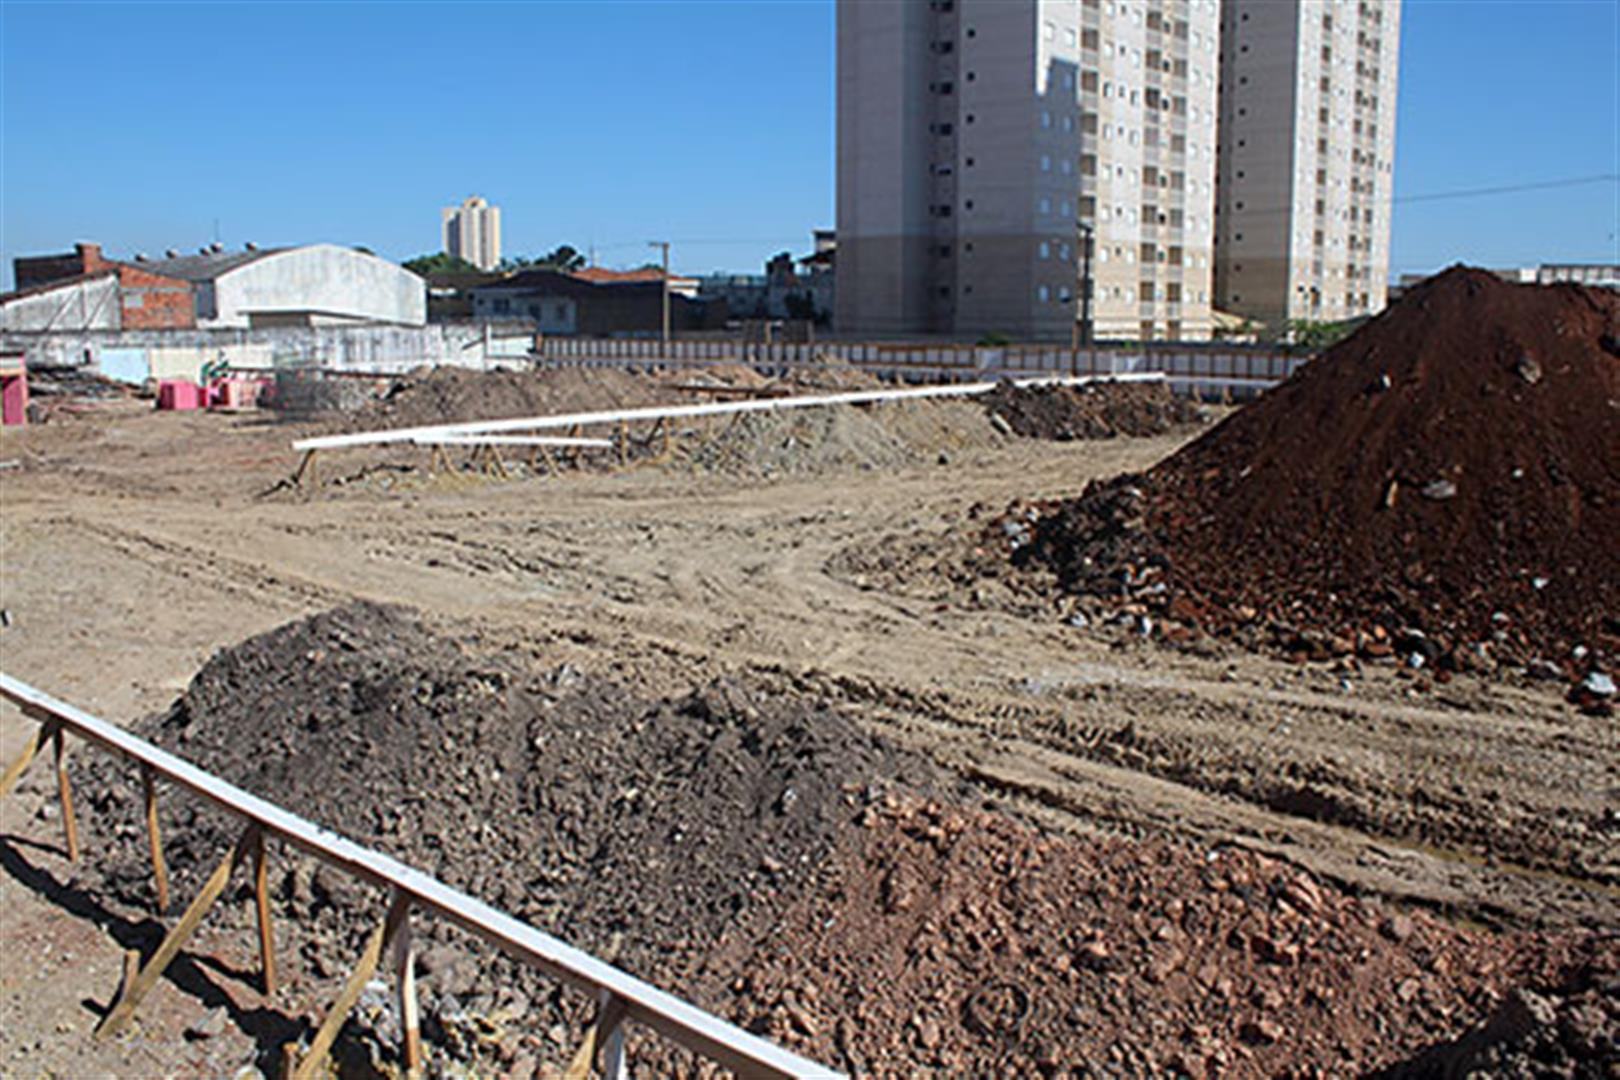 Pleno Jaçanã de 2 a 3 dormitórios em Jaçanã, São Paulo - SP